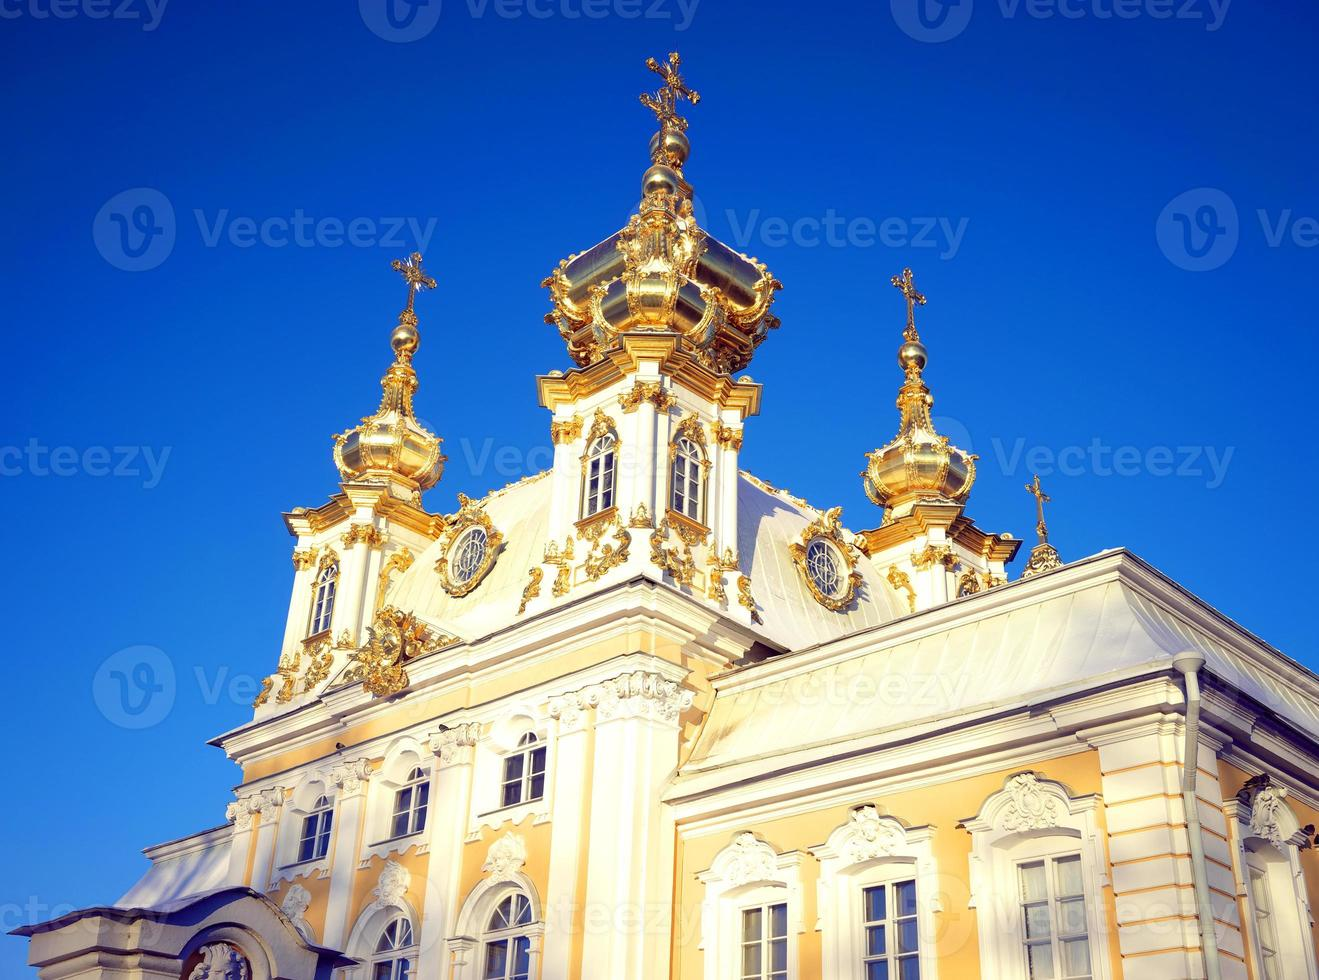 st. Pétersbourg photo